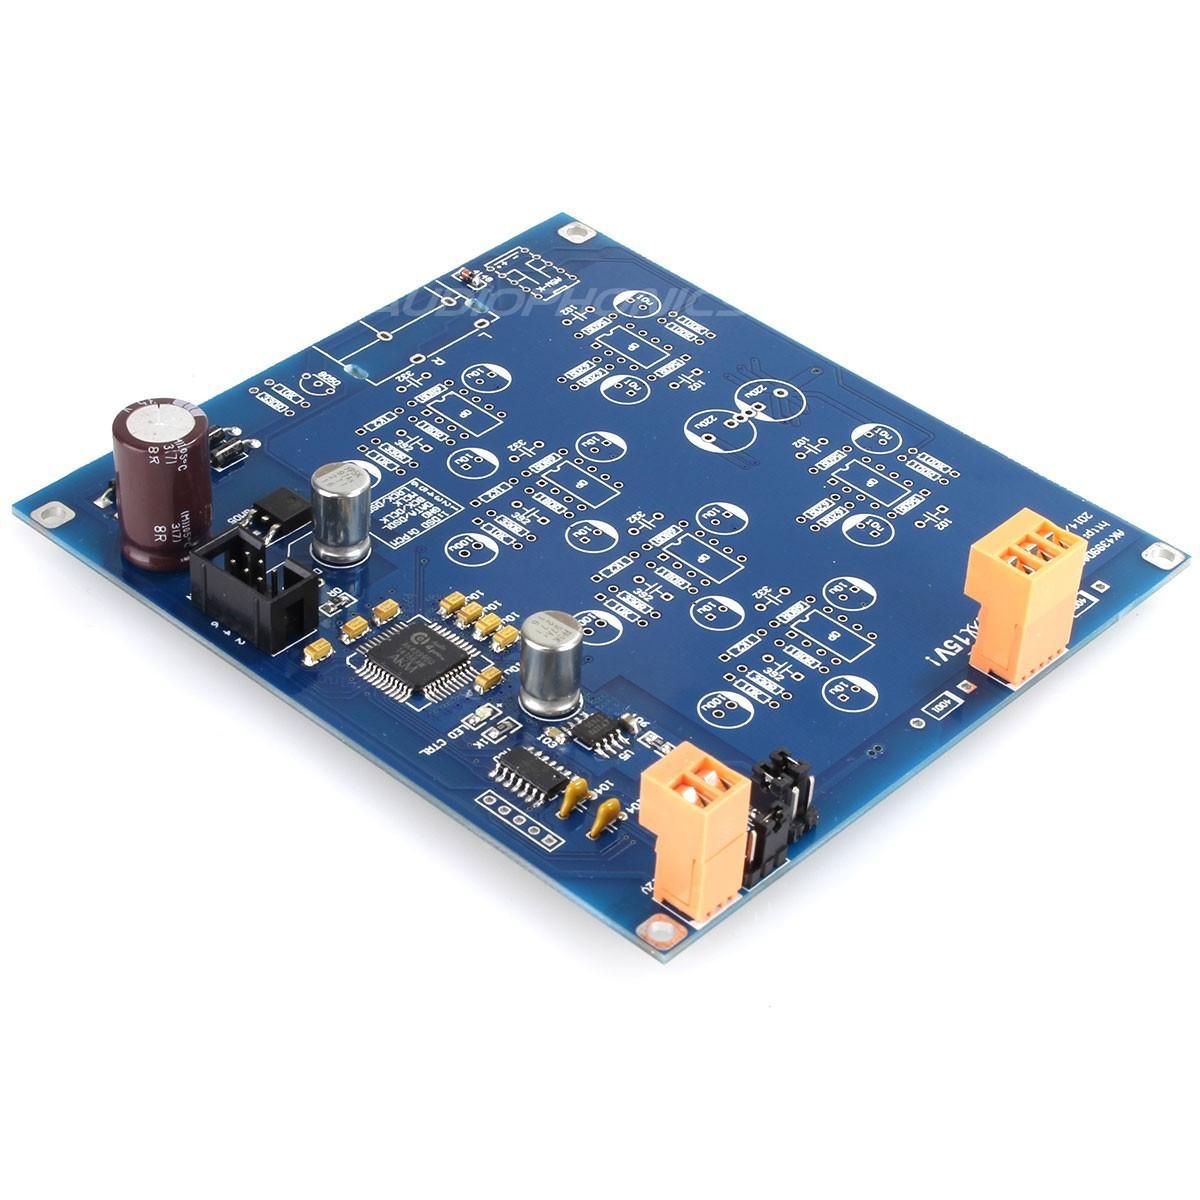 KIT DAC AK4490EQ 32bit / 384KHz à monter I2S / DSD